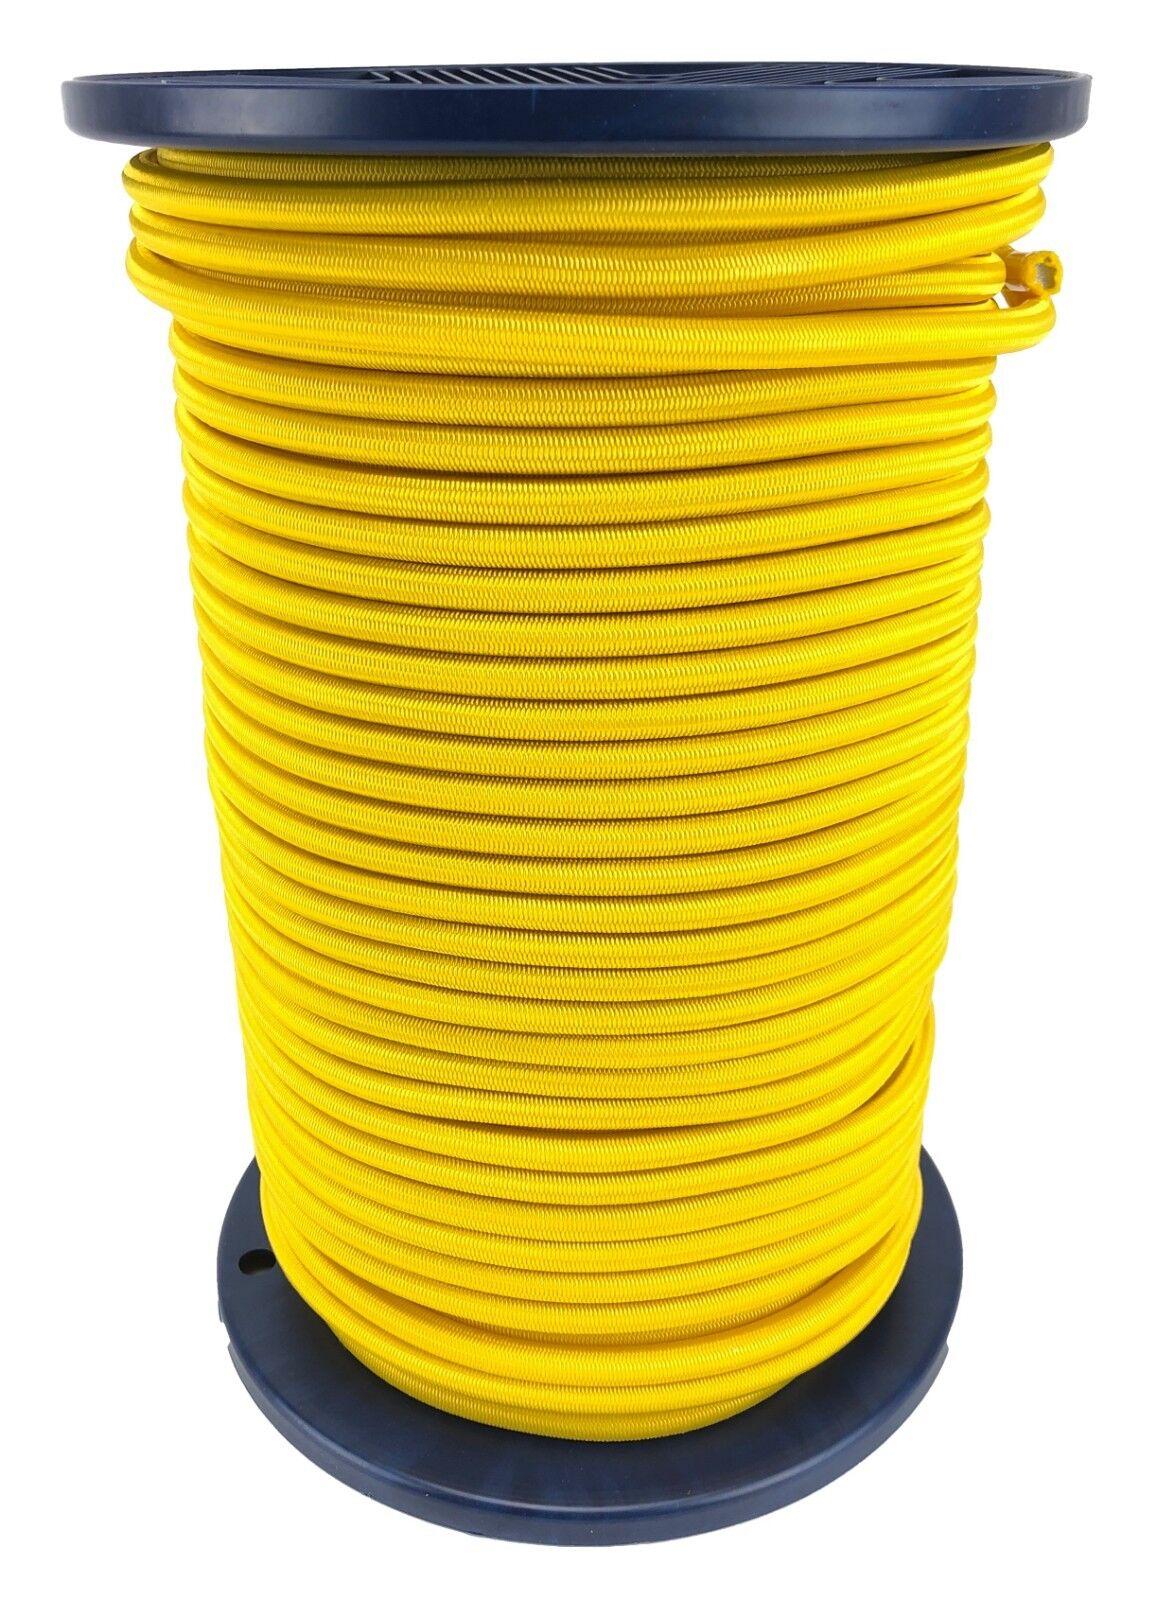 12mm Gelb Elastischer Gummizug Gummiseil, Gummizug Seil Unten Extra Stark